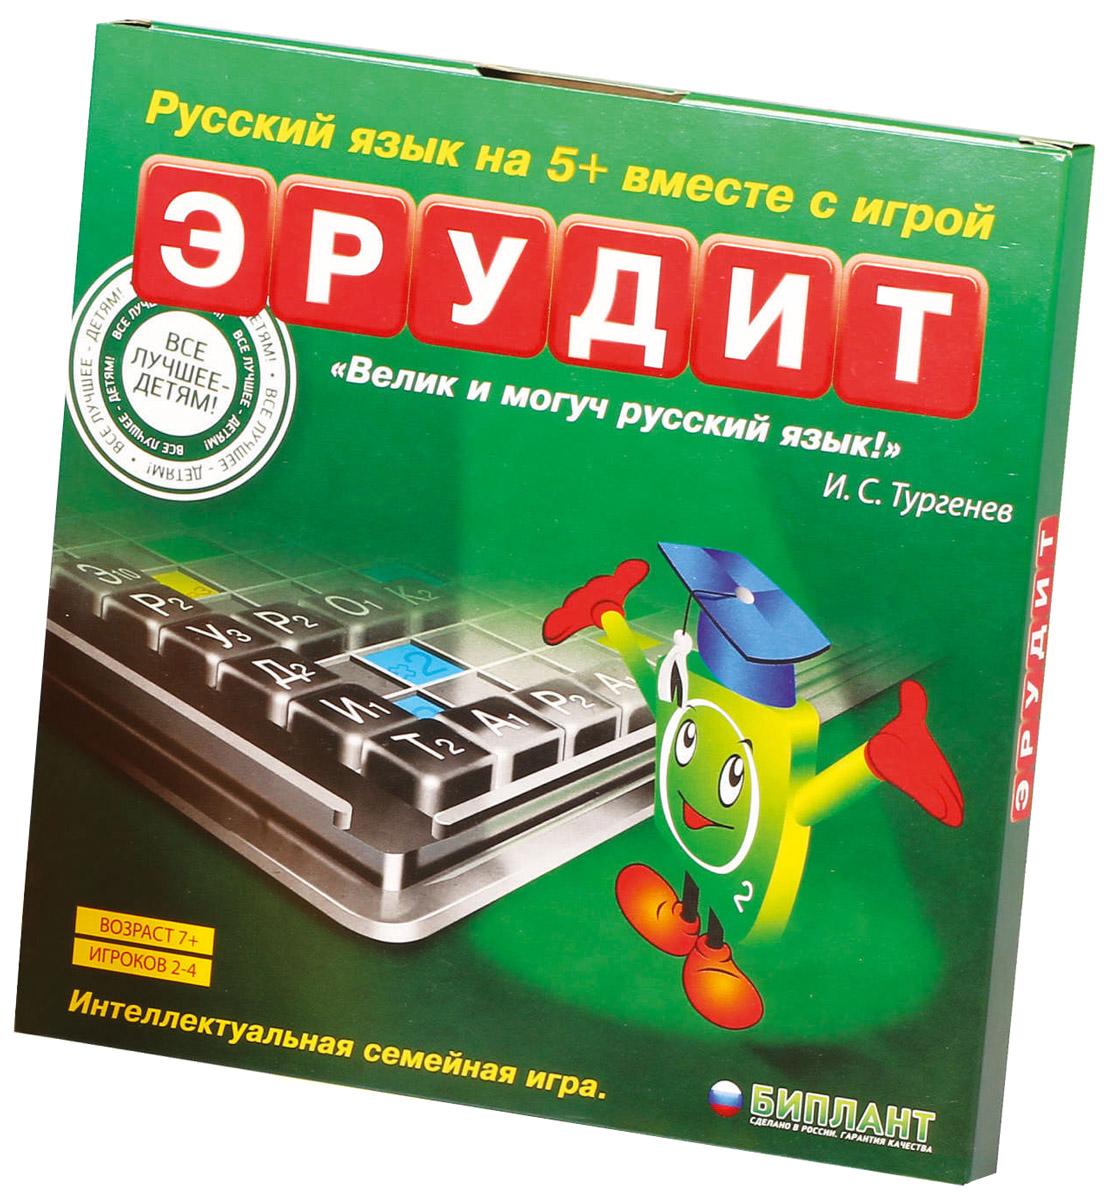 Биплант Настольная игра Эрудит настольная игра биплант 10012 эрудит синие фишки